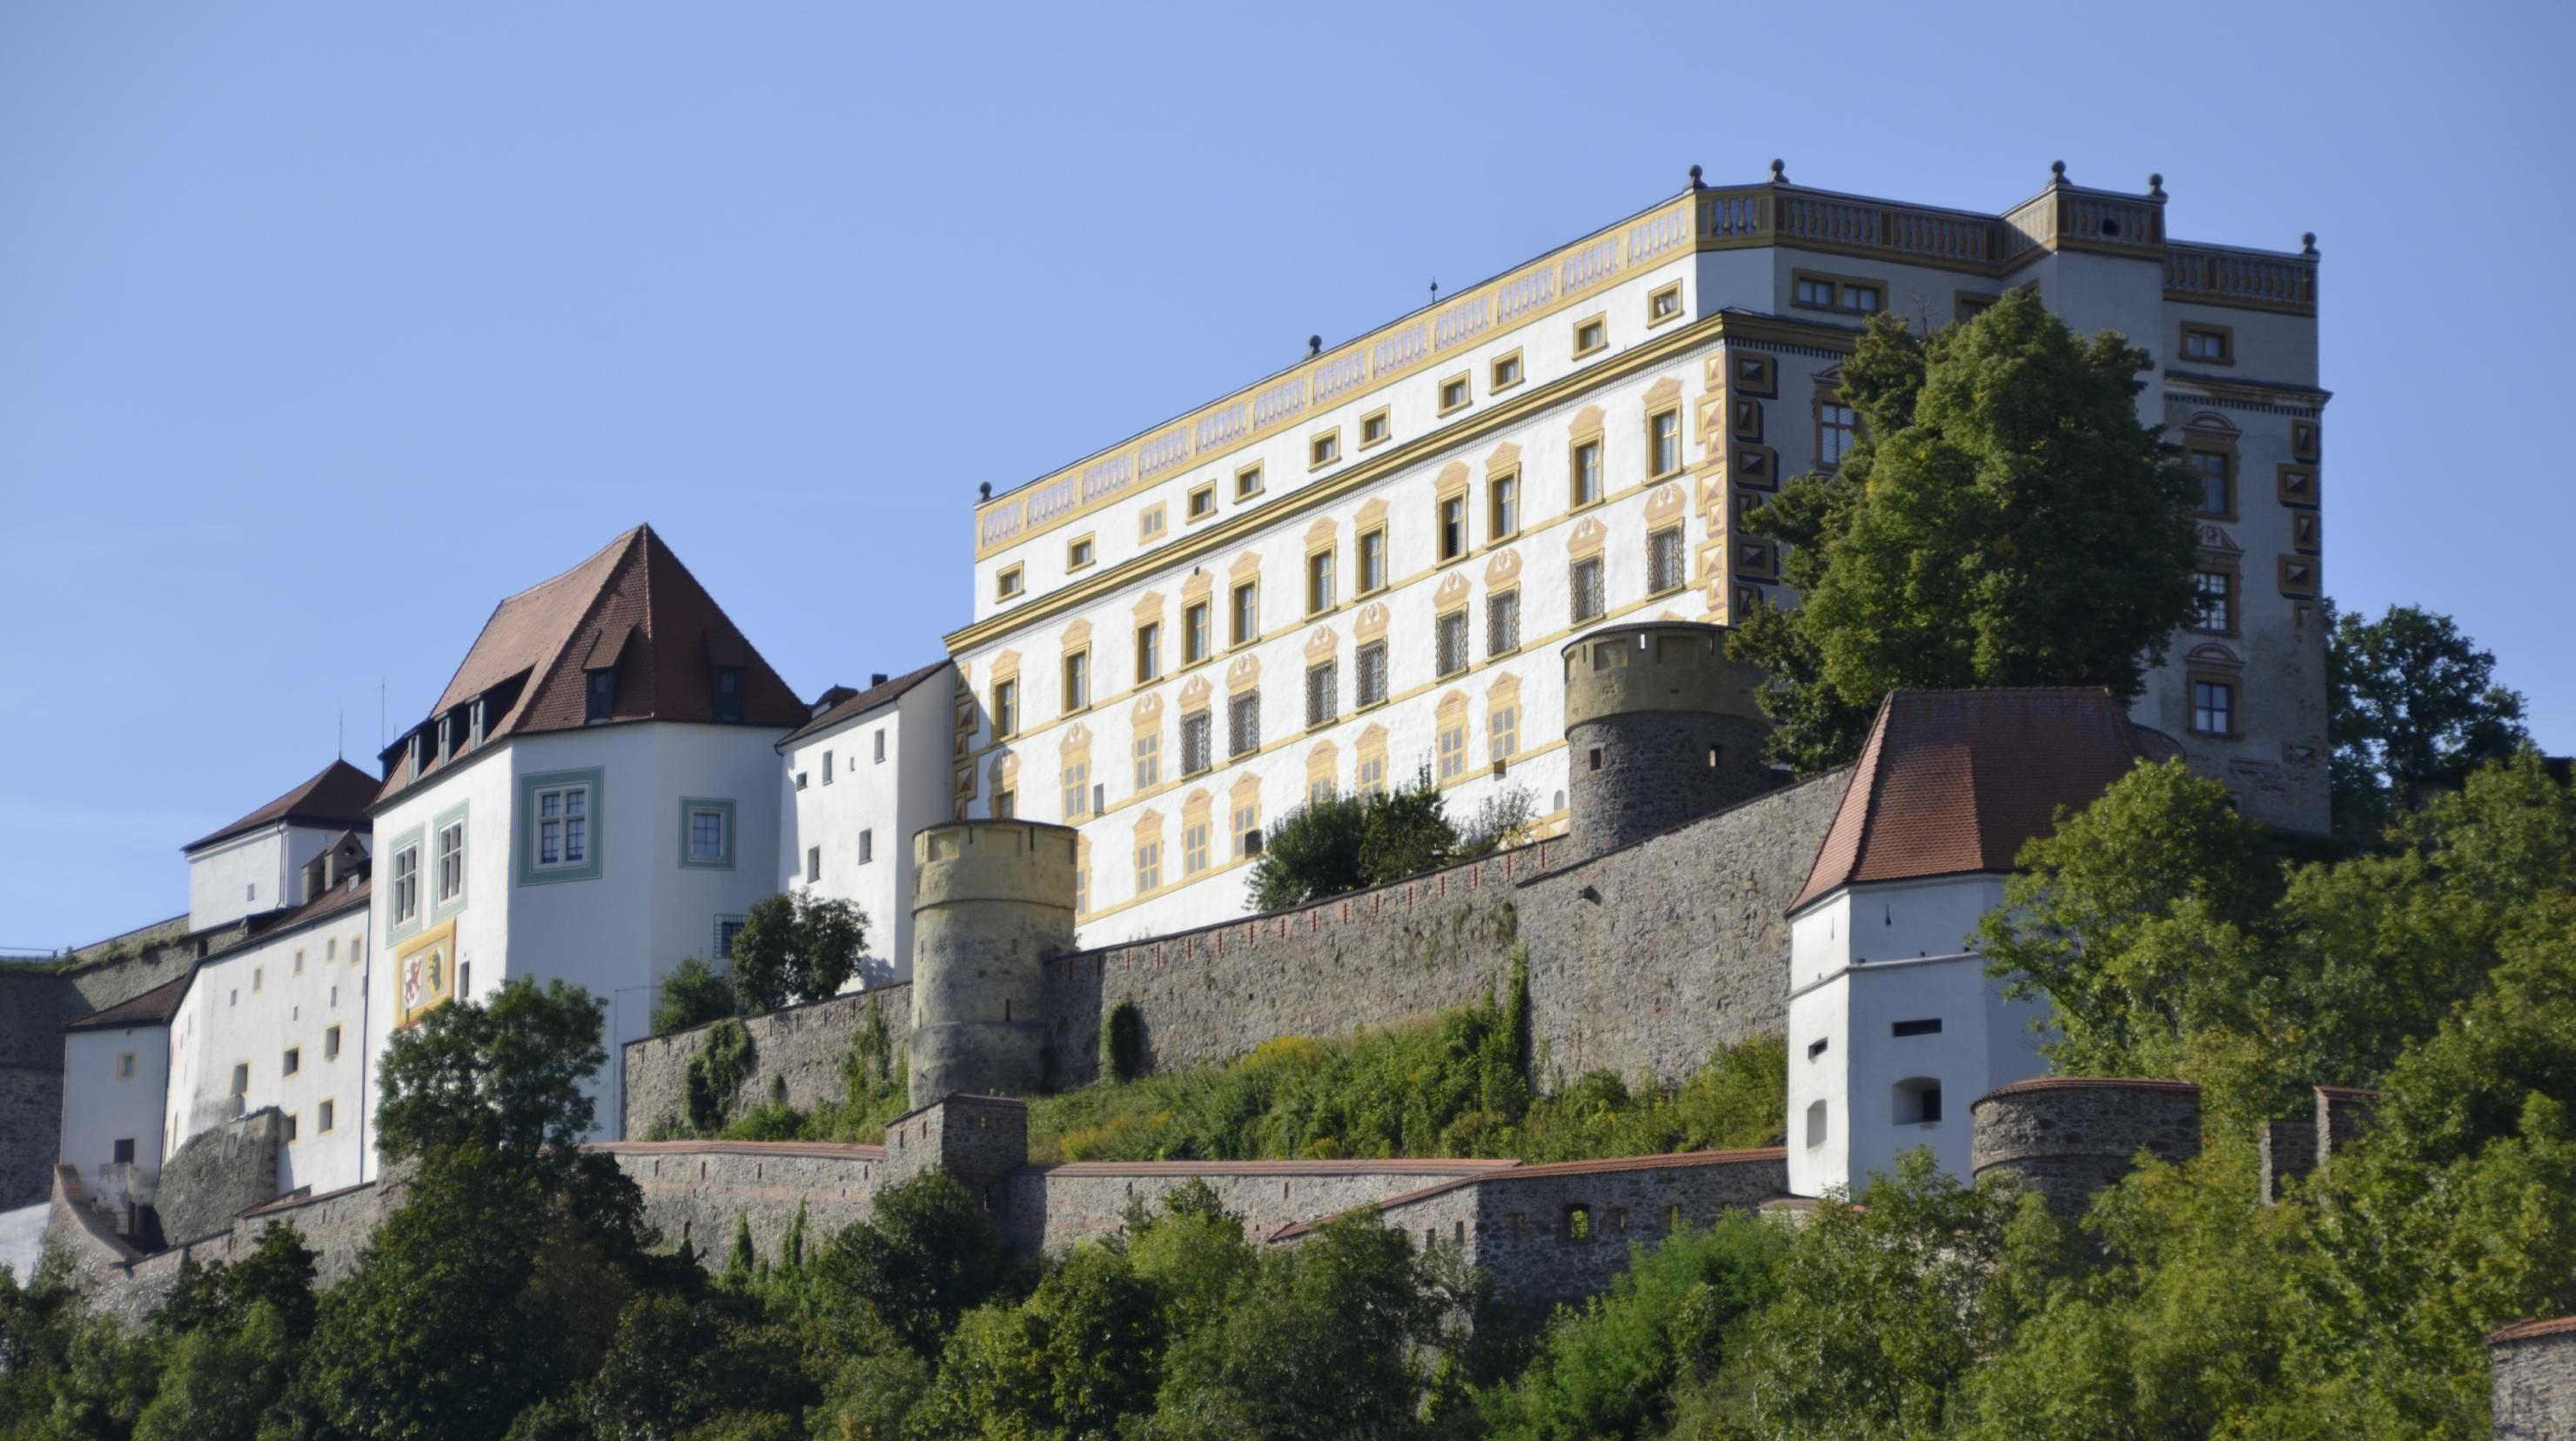 Veste Oberhaus (Forrás: www.wikimedia.org)